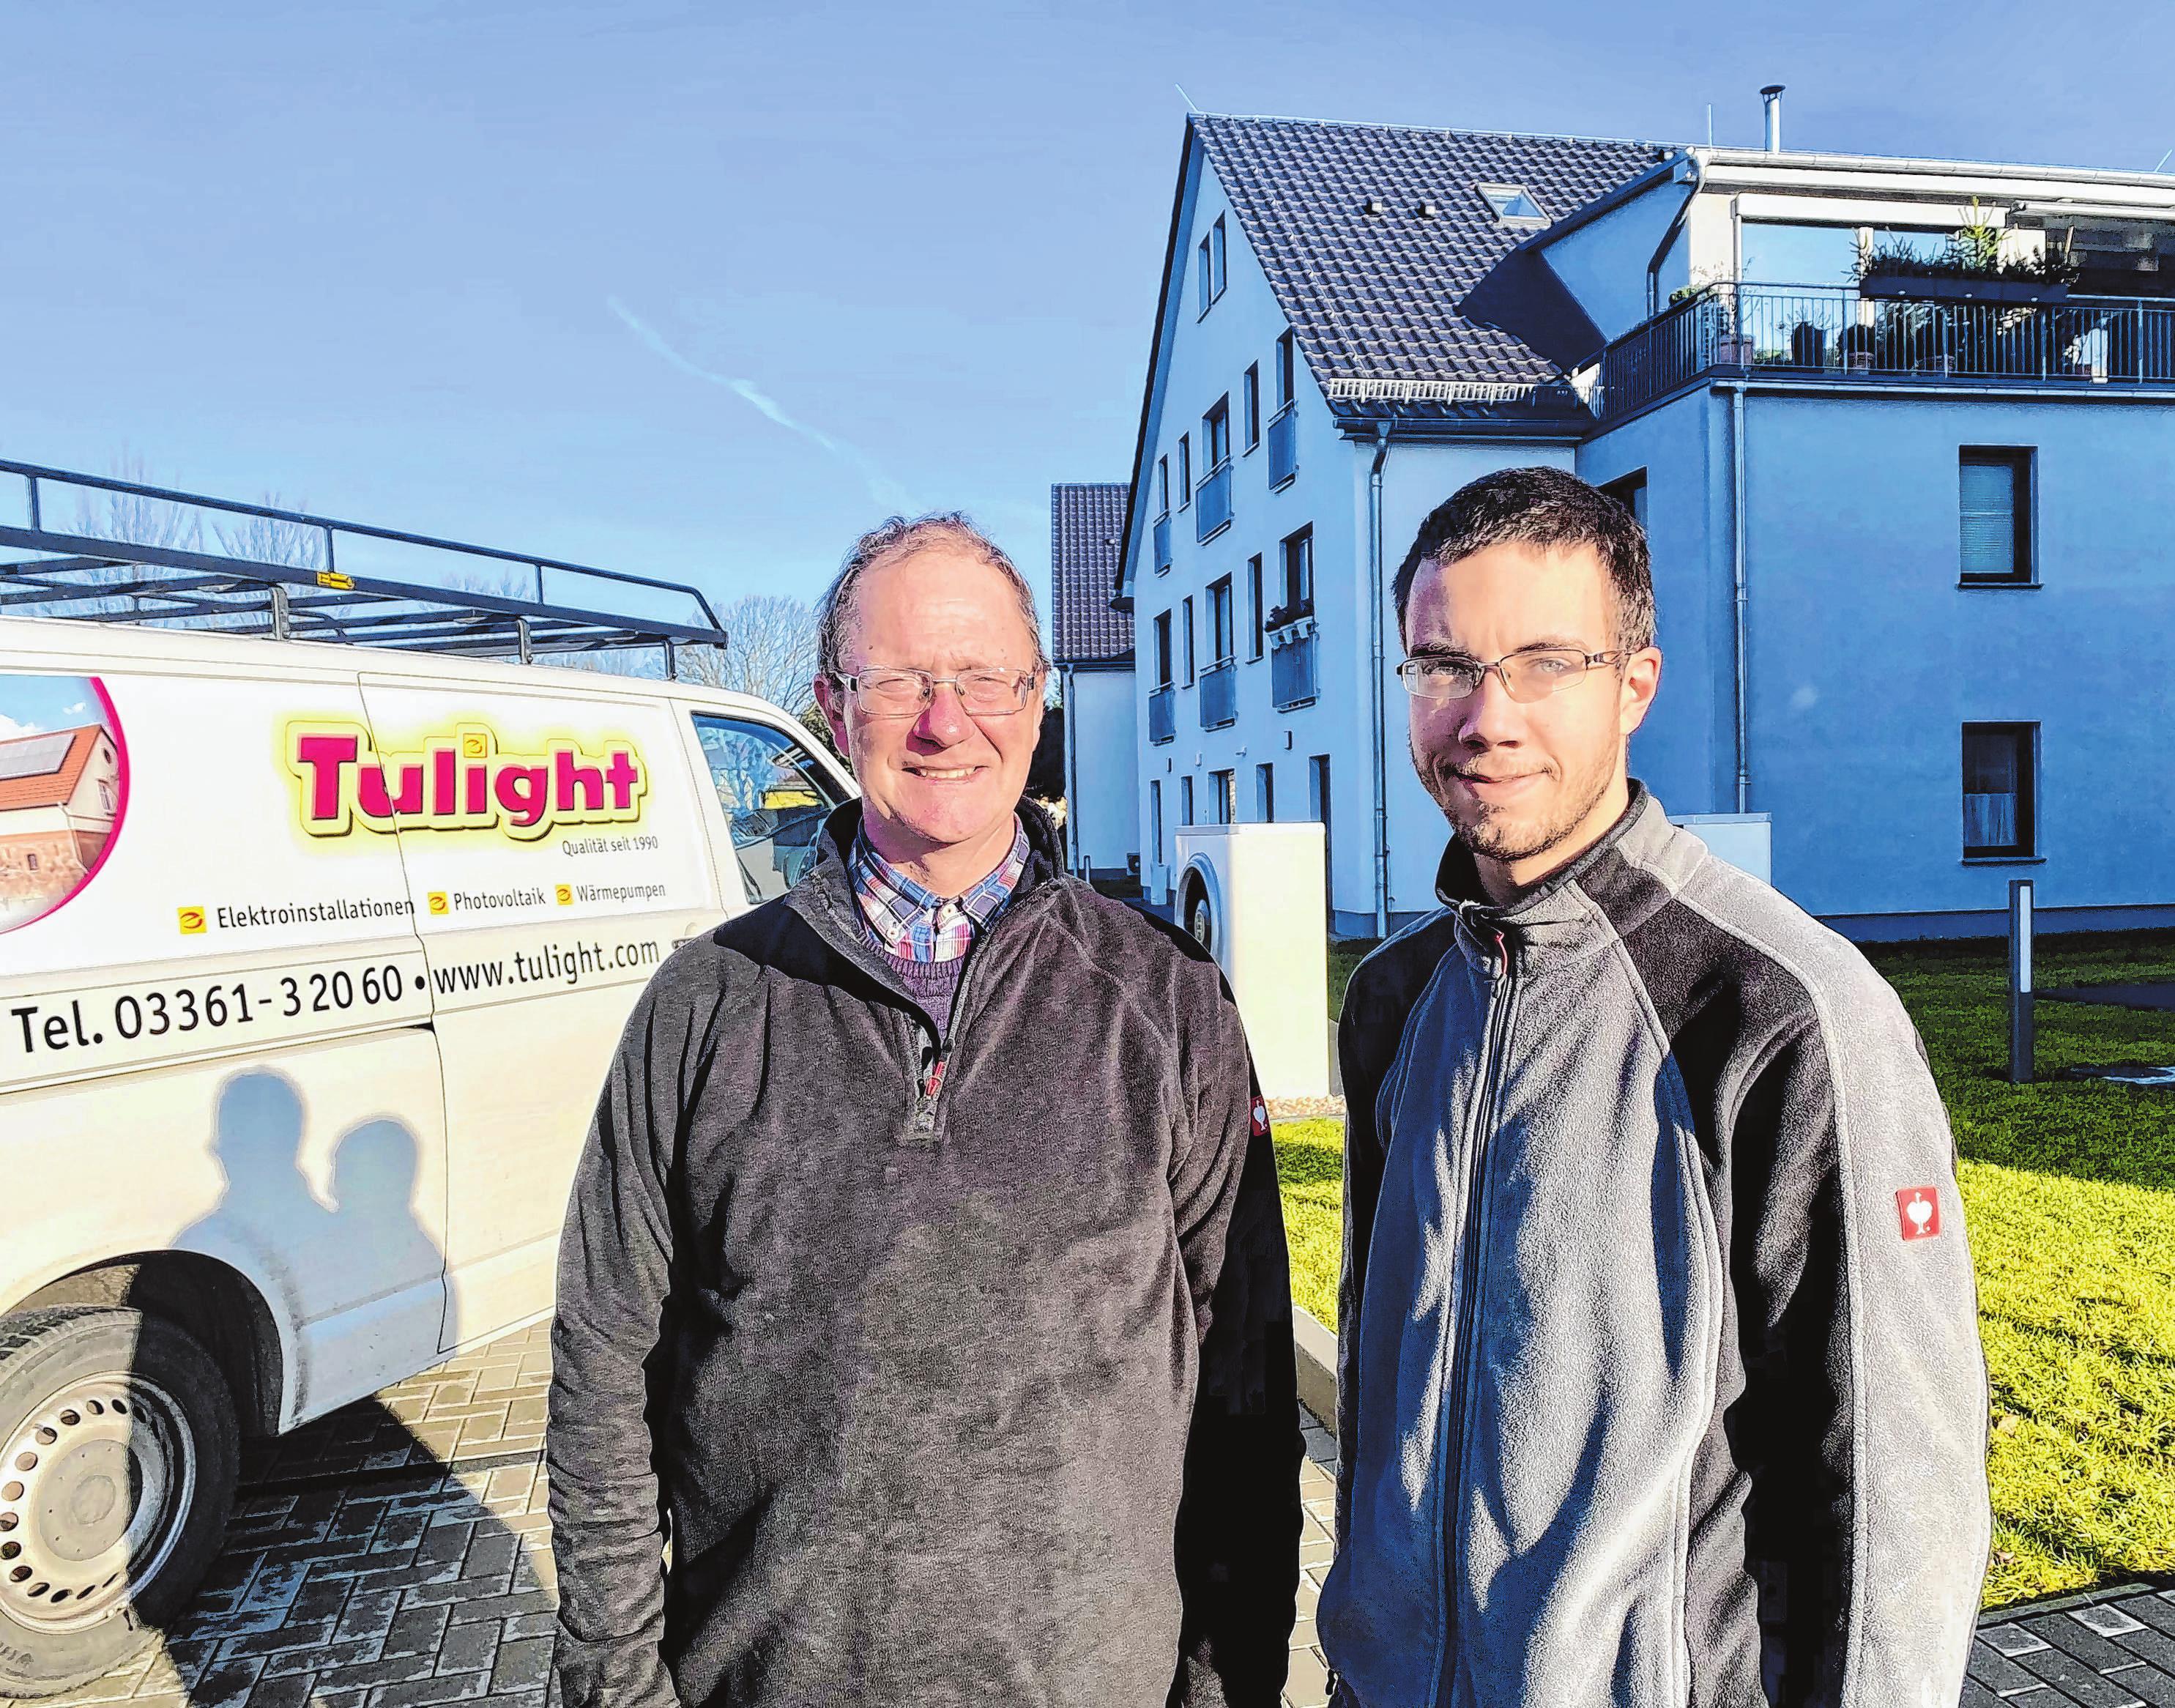 Elektromeister Volkmar Lüdtke arbeitete mit dem Gesellen Kevin Rüdiger kurz vor Weihnachten noch in einem neuen Wohnhaus in Wendisch Rietz. Foto: Alexander Winkler